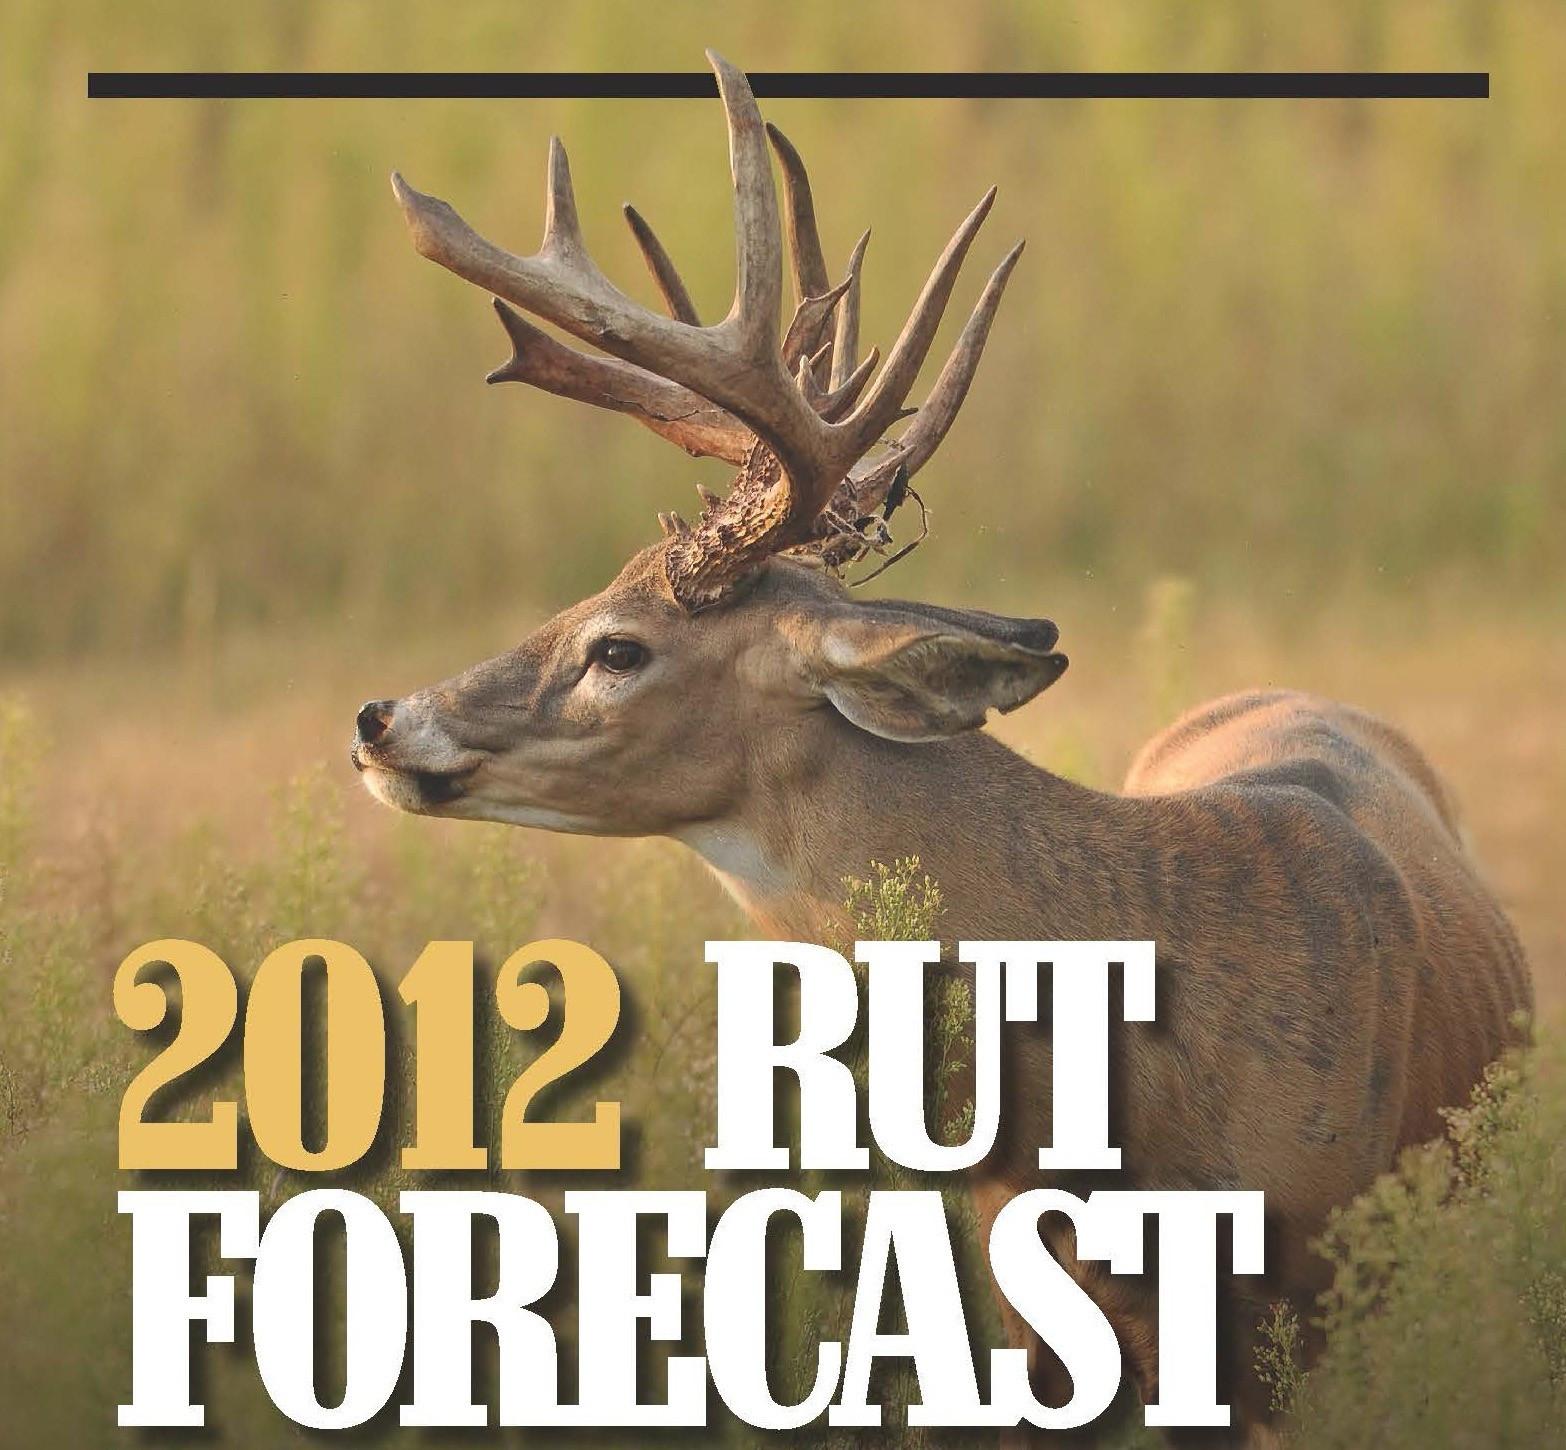 Nj Deer Rut Forcast 2021 - Template Calendar Design  2021 Deer And Deer Hunting Rut Calendar